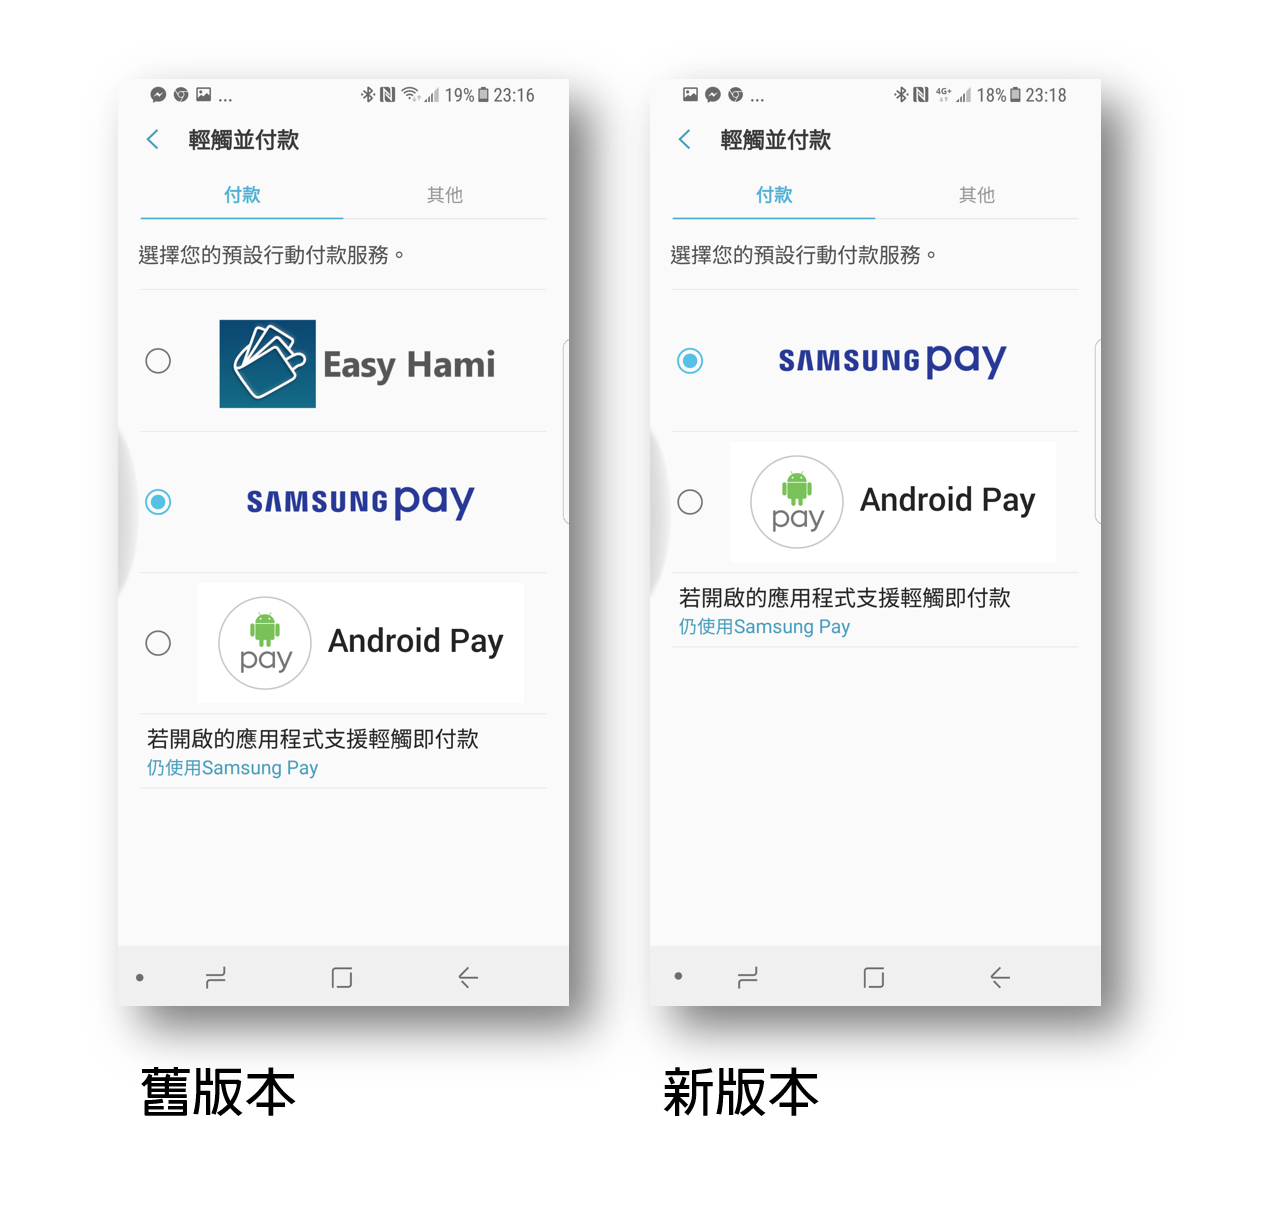 Hami Wallet 舊版 APK 下載(支援桌面小元件、不進 APP 感應)@3C 達人廖阿輝